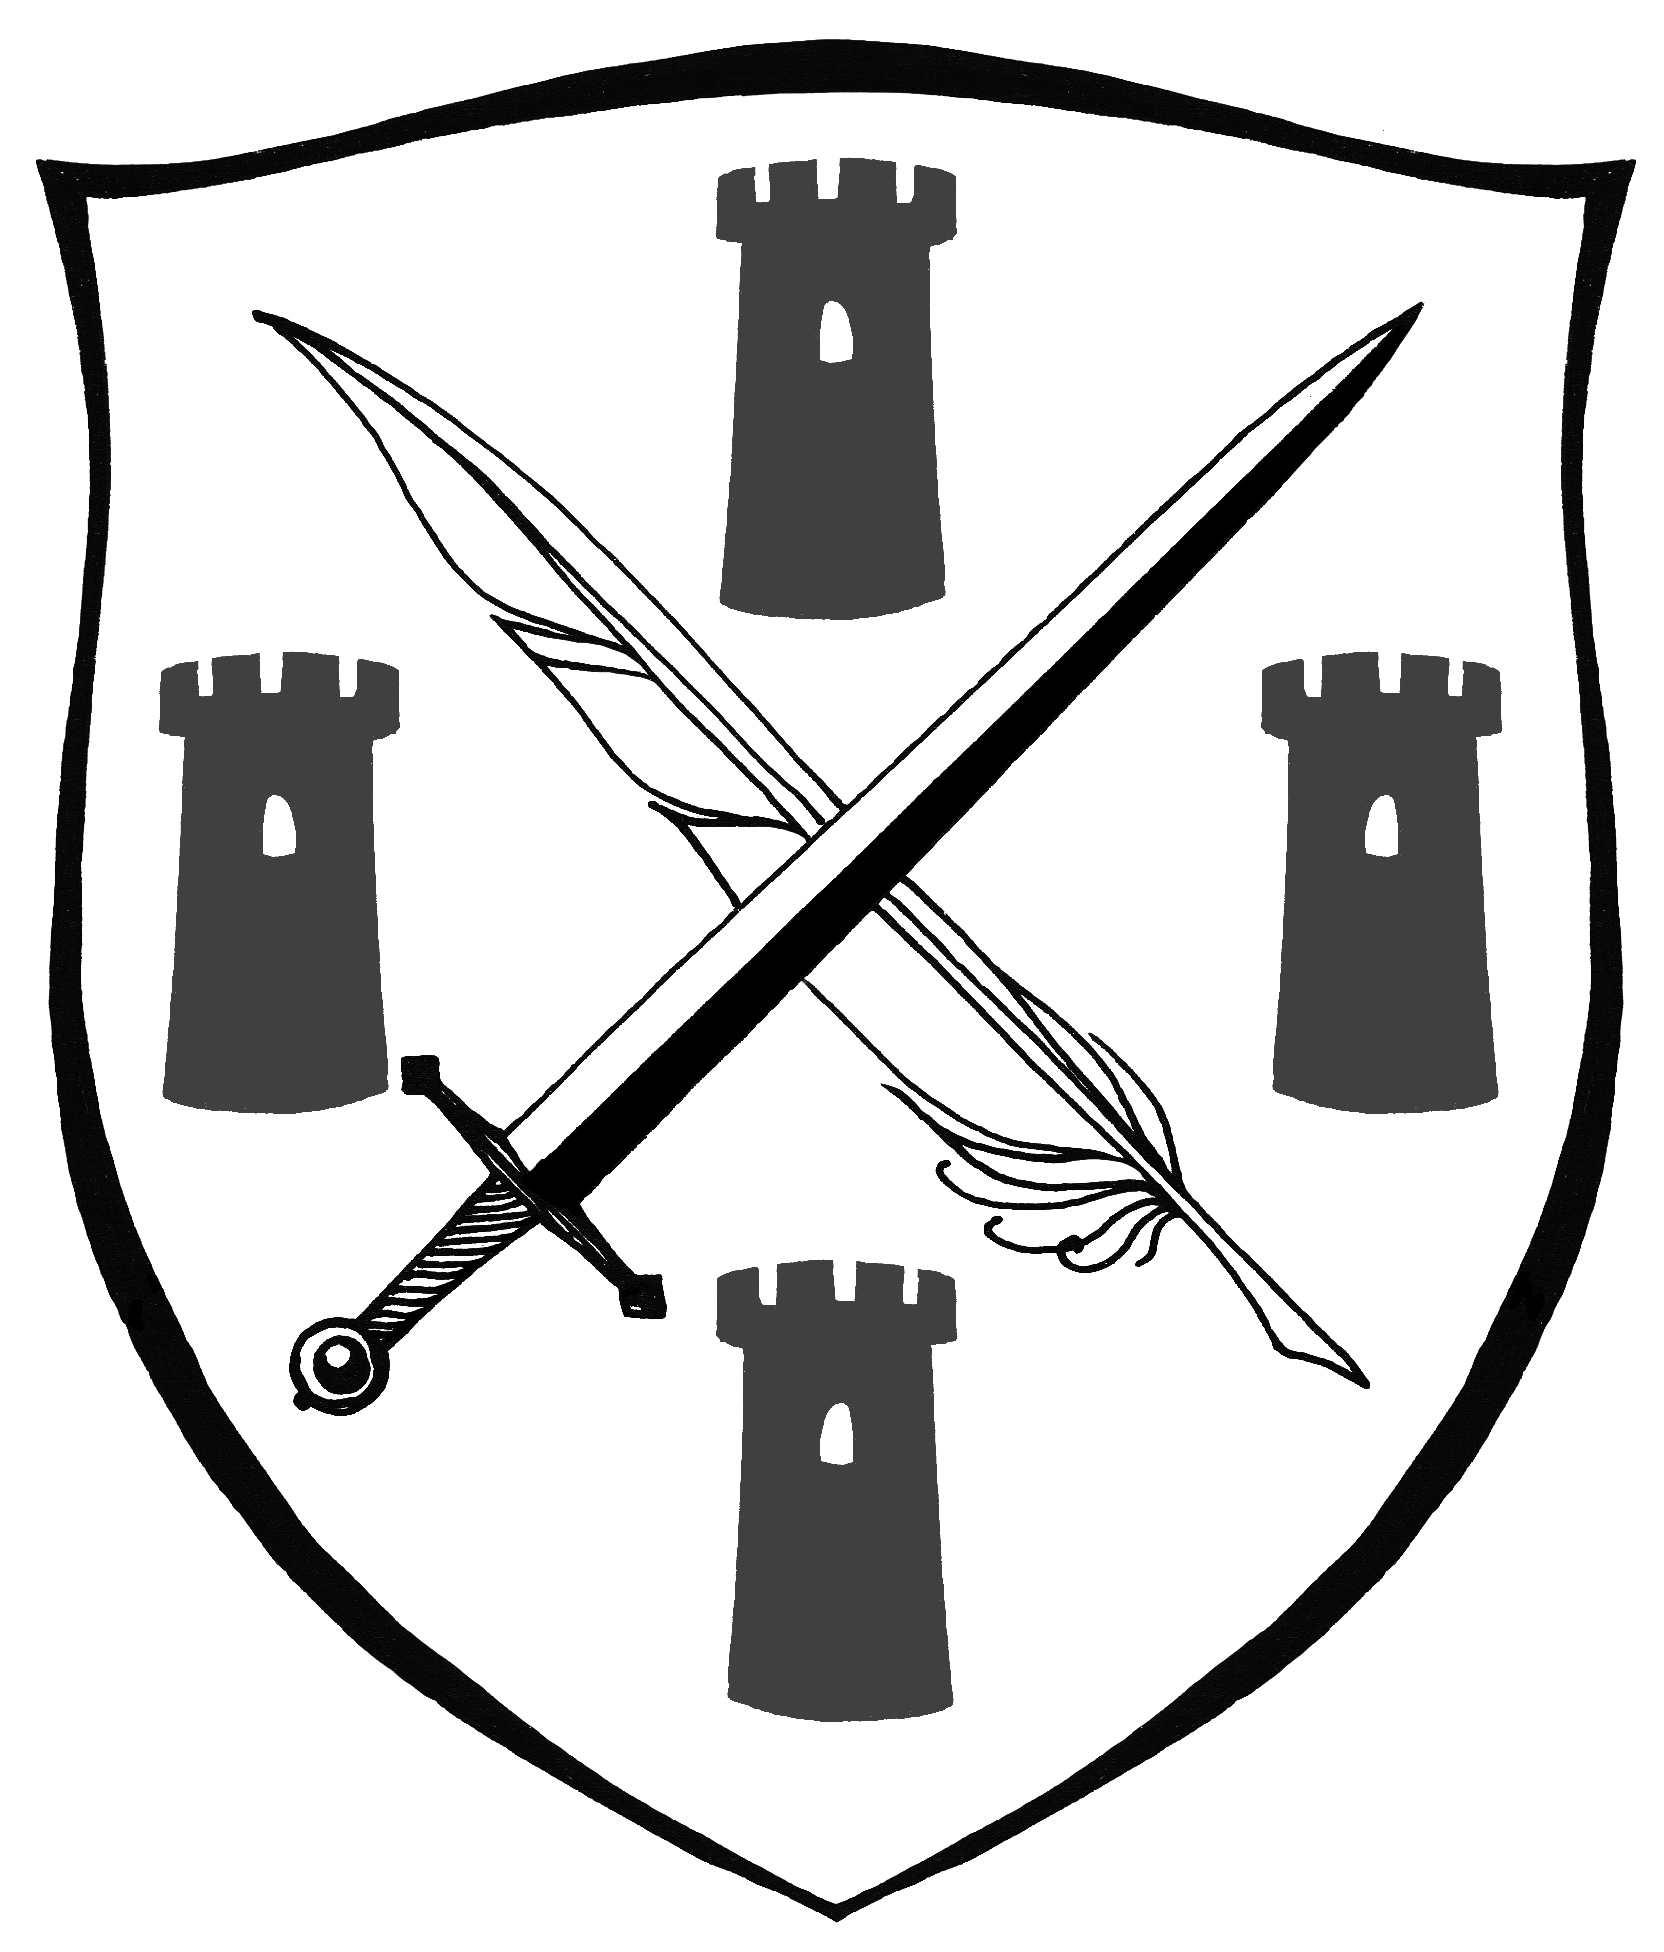 Das Wappen von Greystone